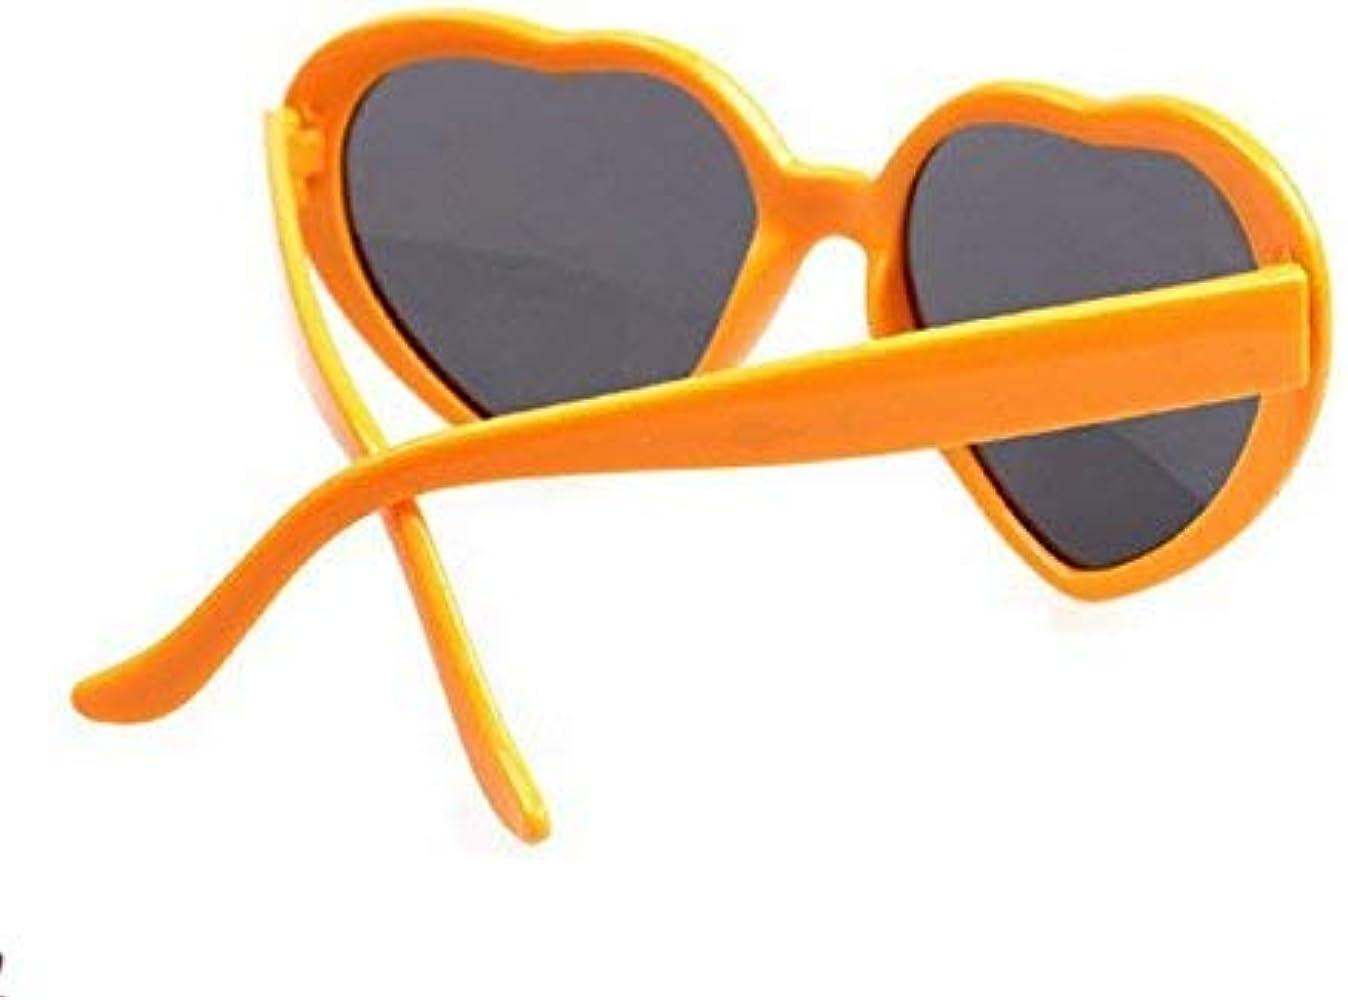 Inception Pro Infinite (naranja) gafas de sol - corazón - mujer - estilo lolita - polarized uv400: Amazon.es: Ropa y accesorios